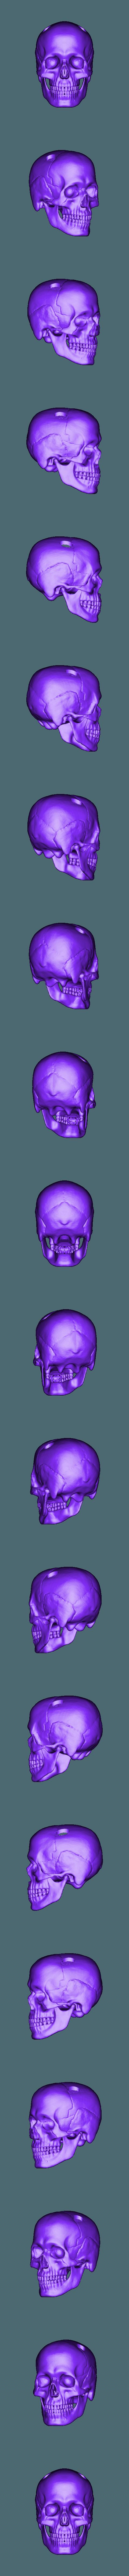 Skullforkeychain.stl Télécharger fichier STL gratuit Crâne pour porte-clés • Plan pour impression 3D, cchampjr